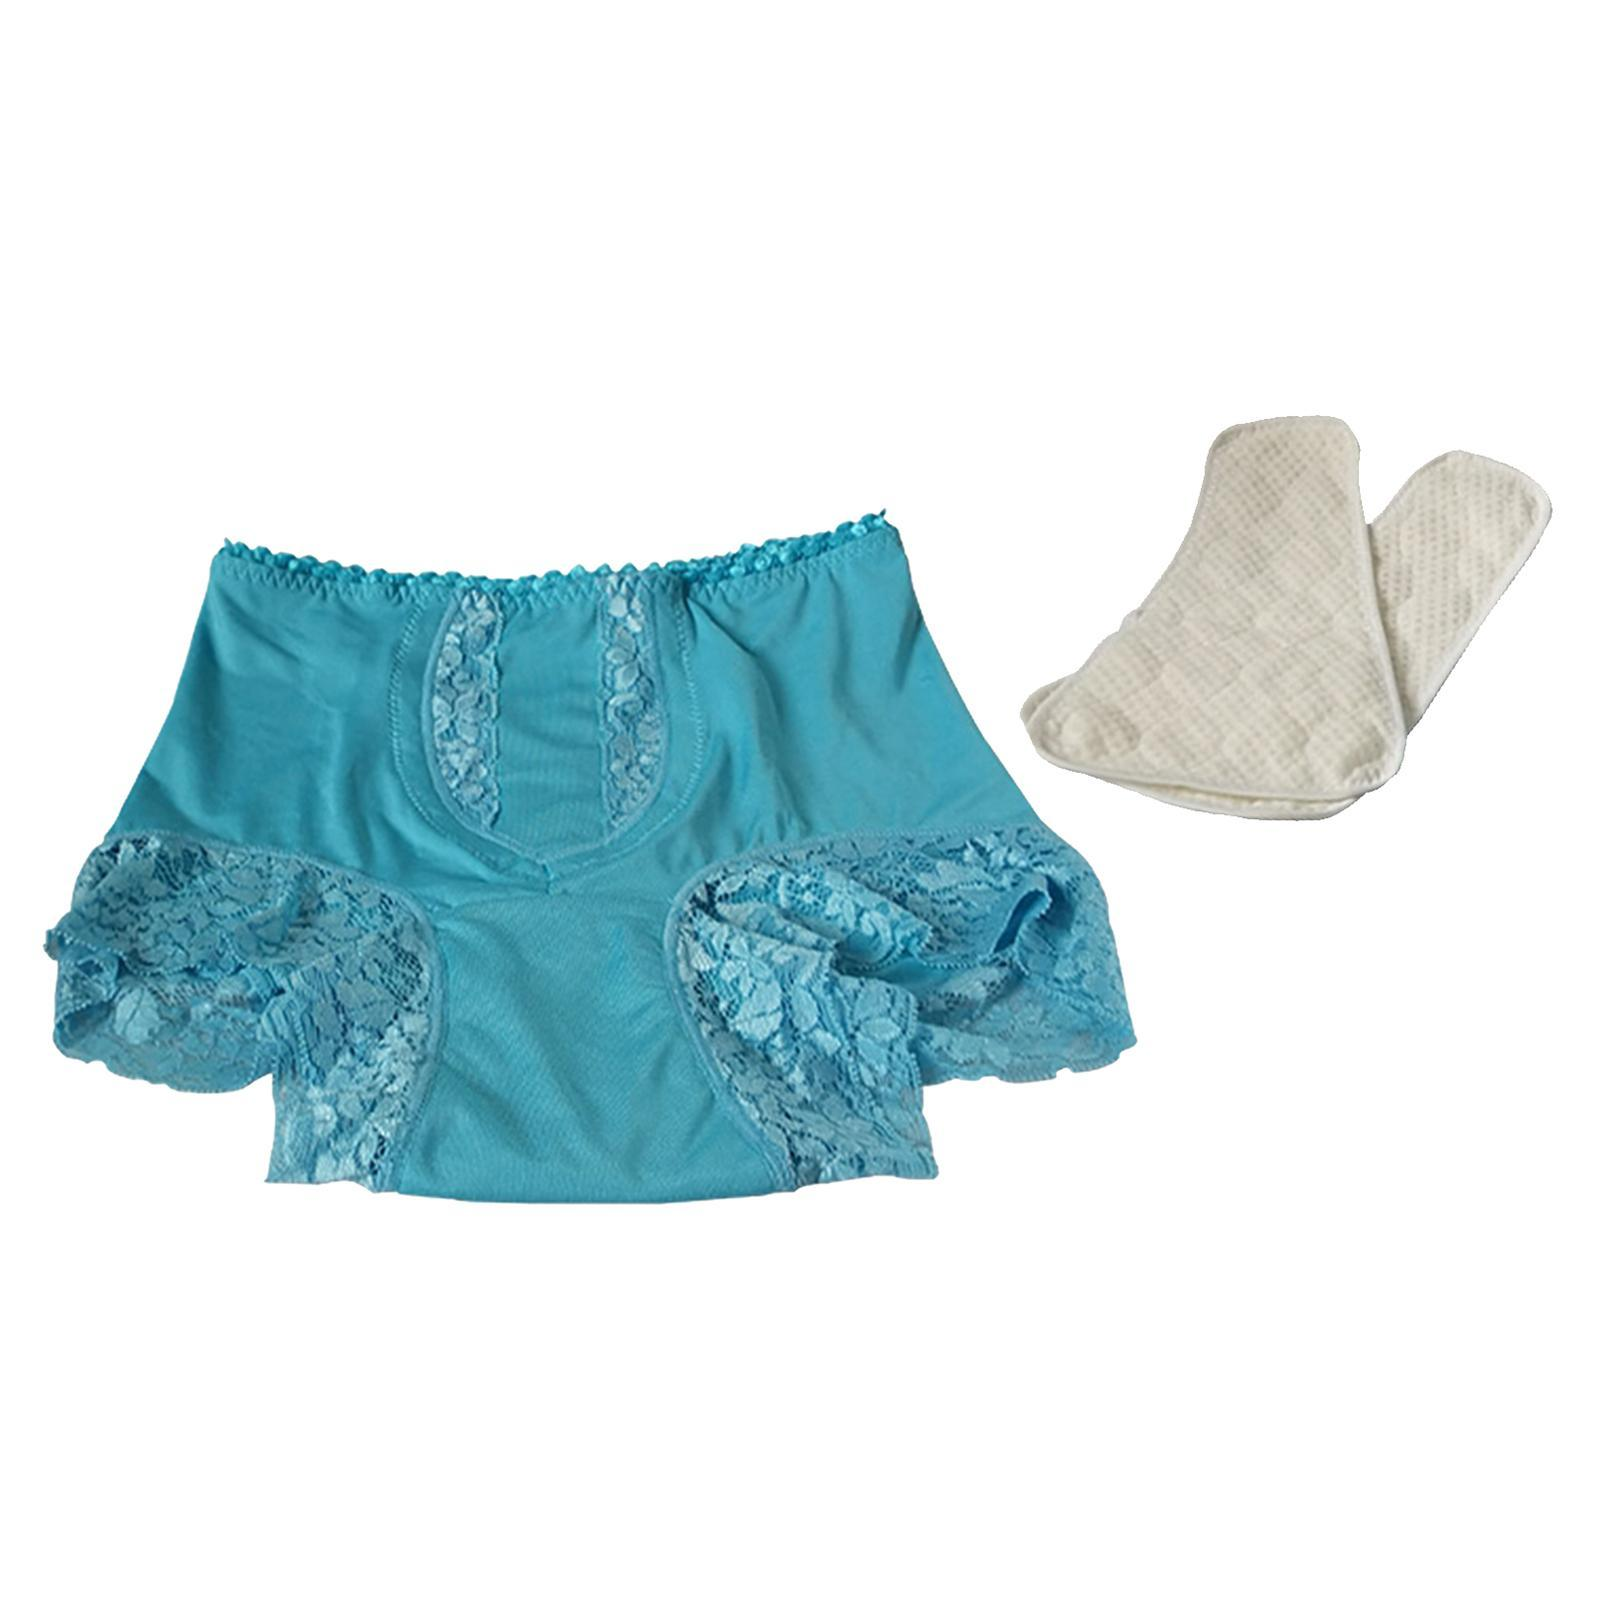 Indexbild 40 - Wiederverwendbare Inkontinenz Unterwäsche mit Pad für Frauen Menstruations